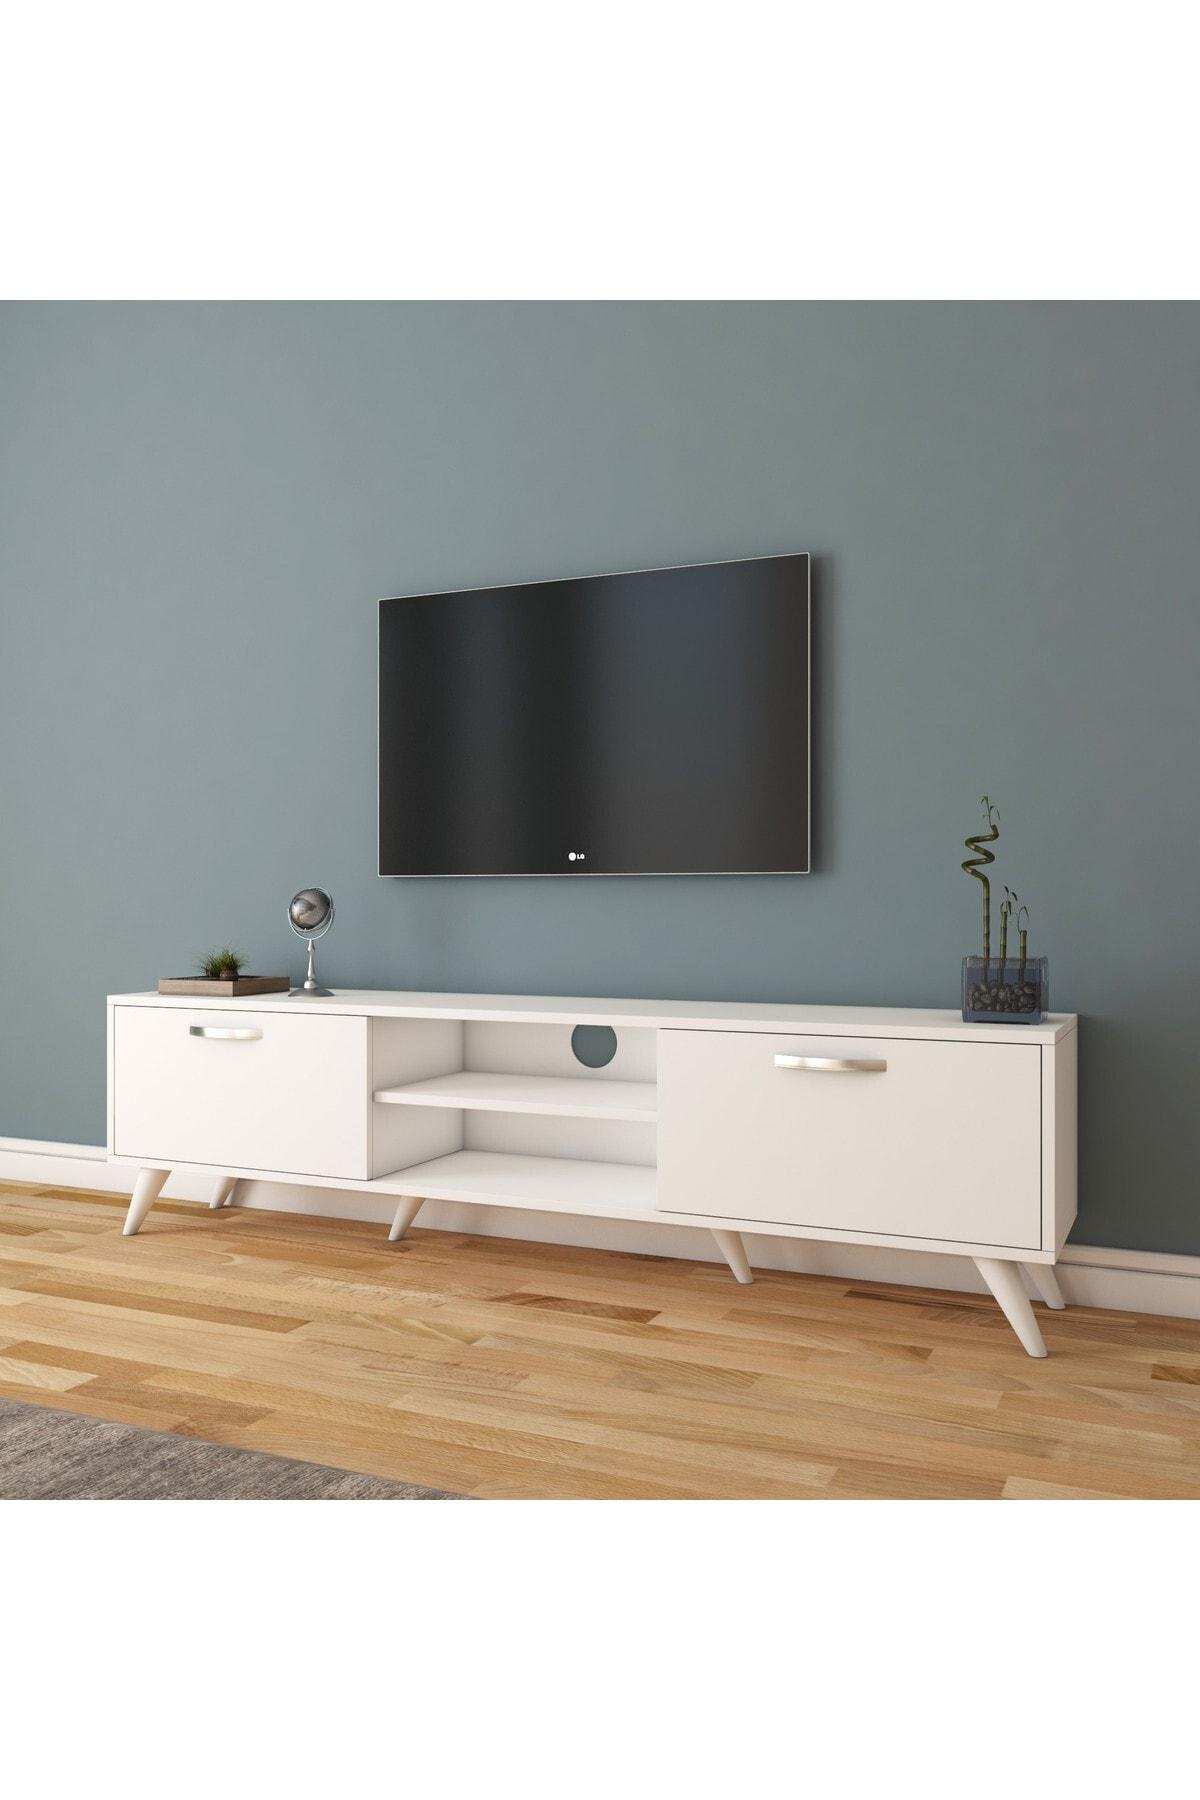 Rani Mobilya Rani A9 Tv Ünitesi Modern Ayaklı Tv Sehpası Beyaz